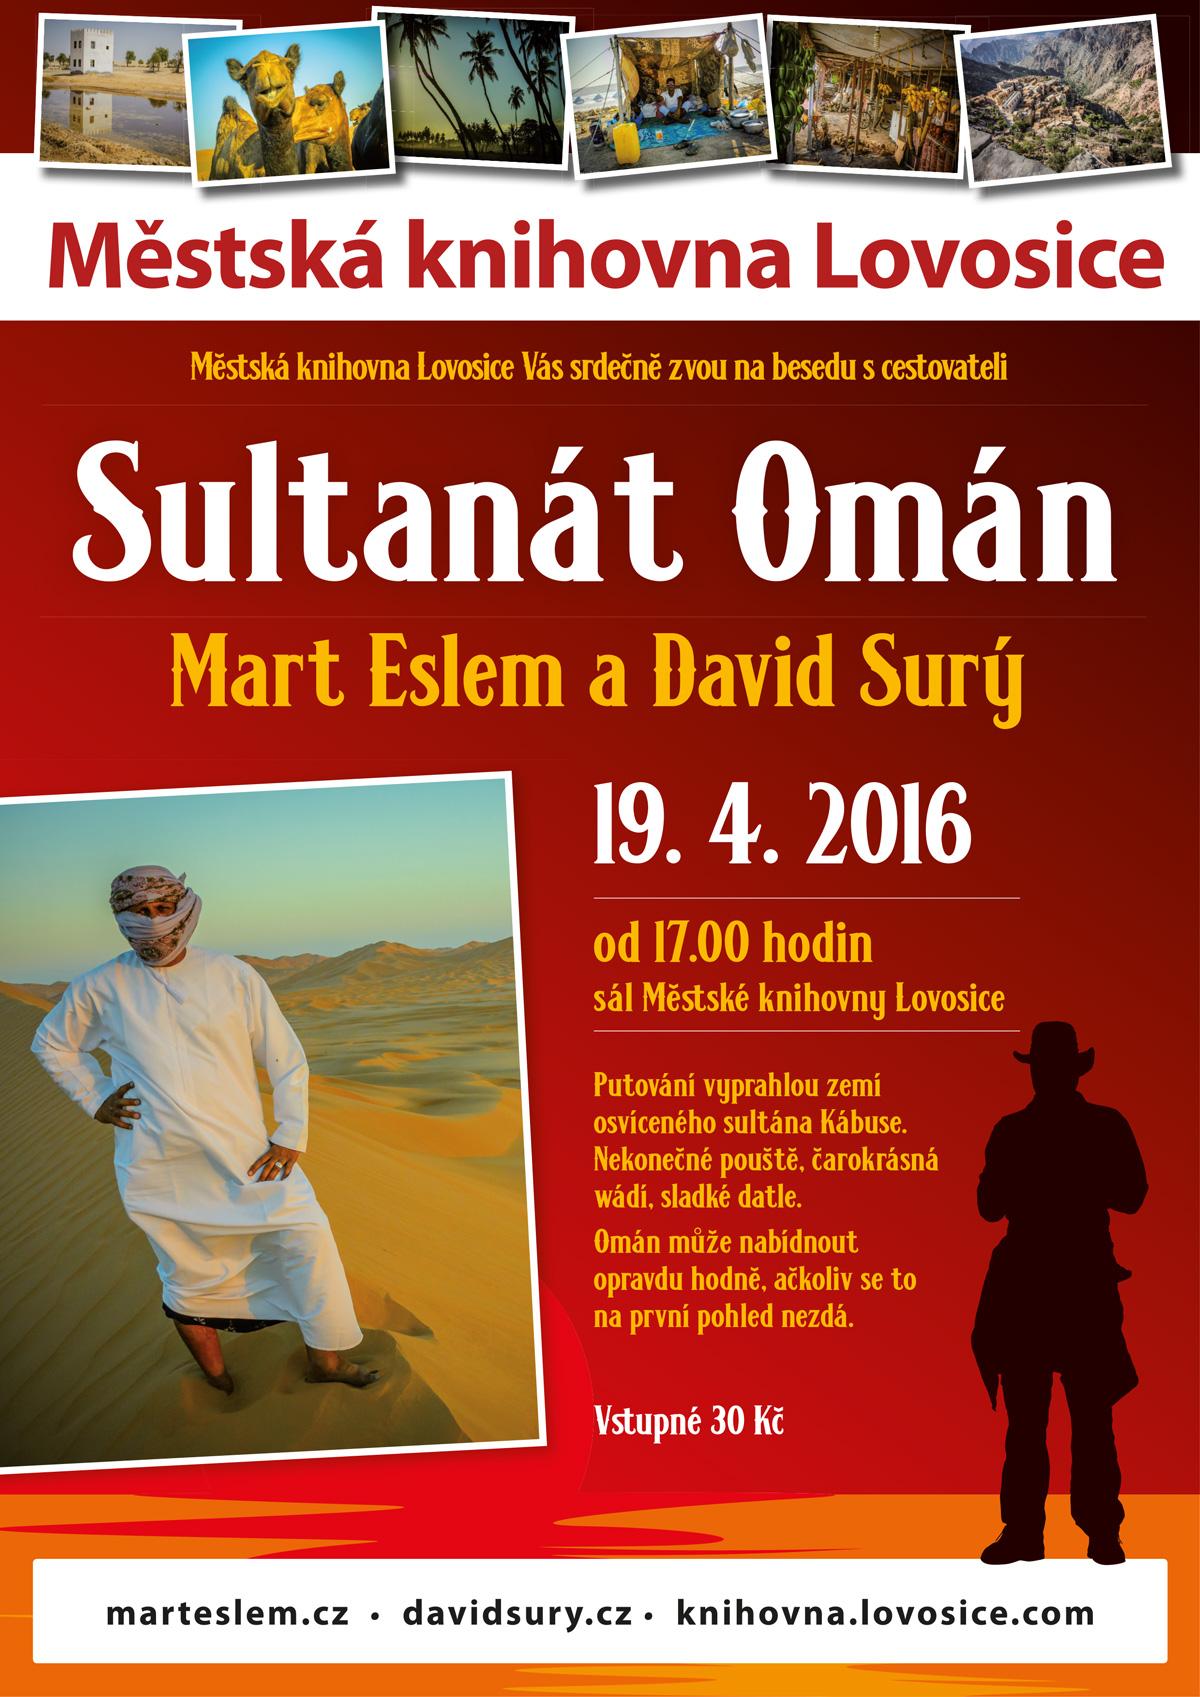 Mart Eslem a David Surý – Sultanát Omán – přednáška v Městské knihovně Lovosice